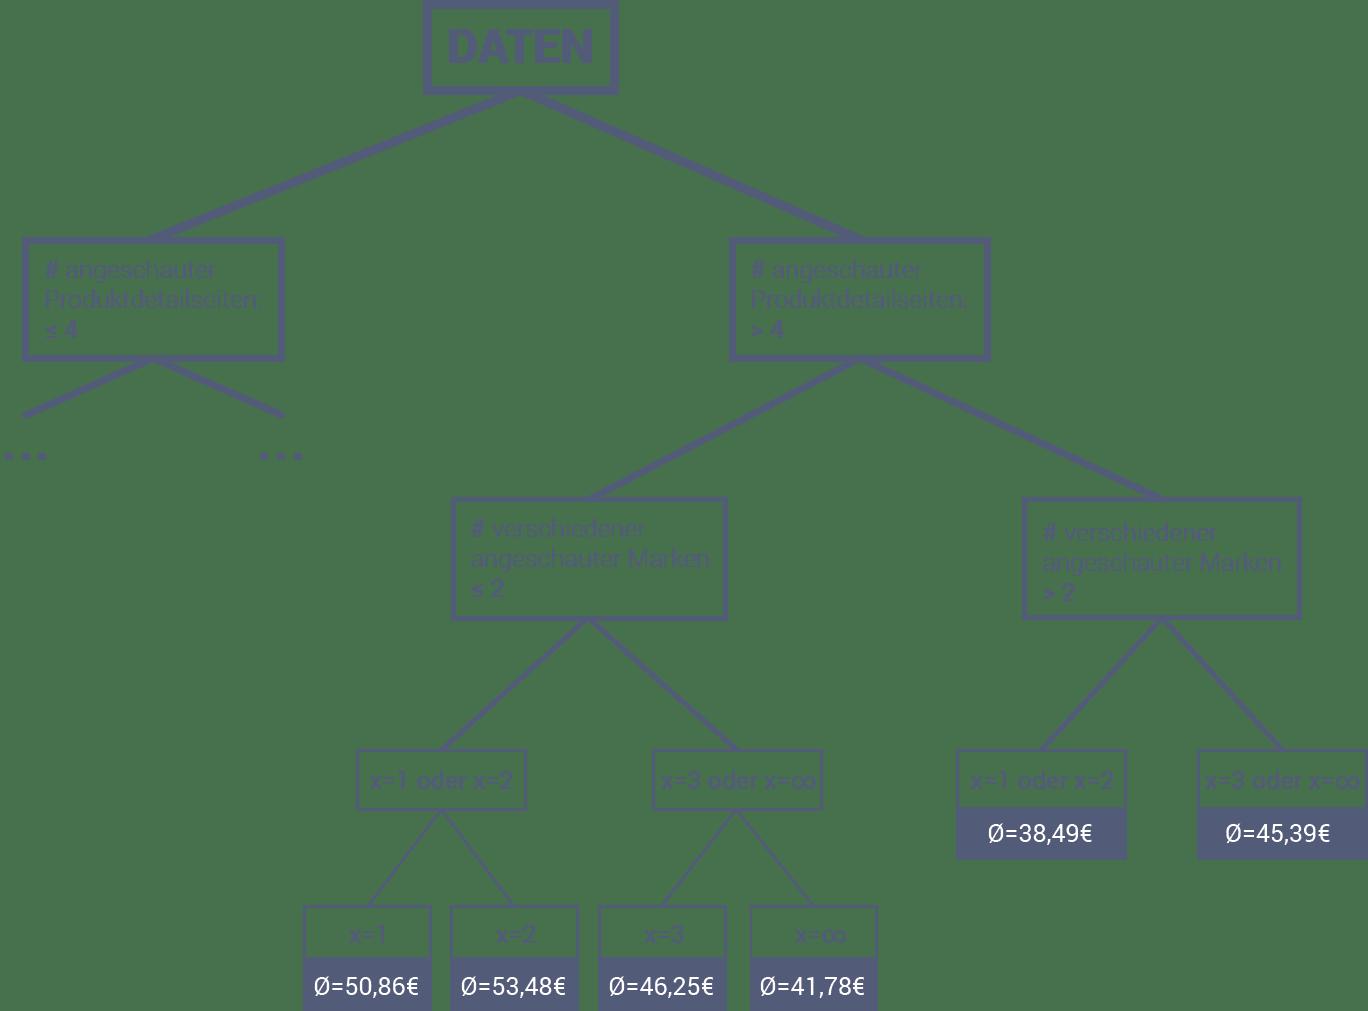 Abgebildet ist eine Grafik eines Regressionsbaums, der mit Daten aus einem Online-Shop angereichert ist, mit denen selbstlernende Algorithmen sich weiterentwickeln können.